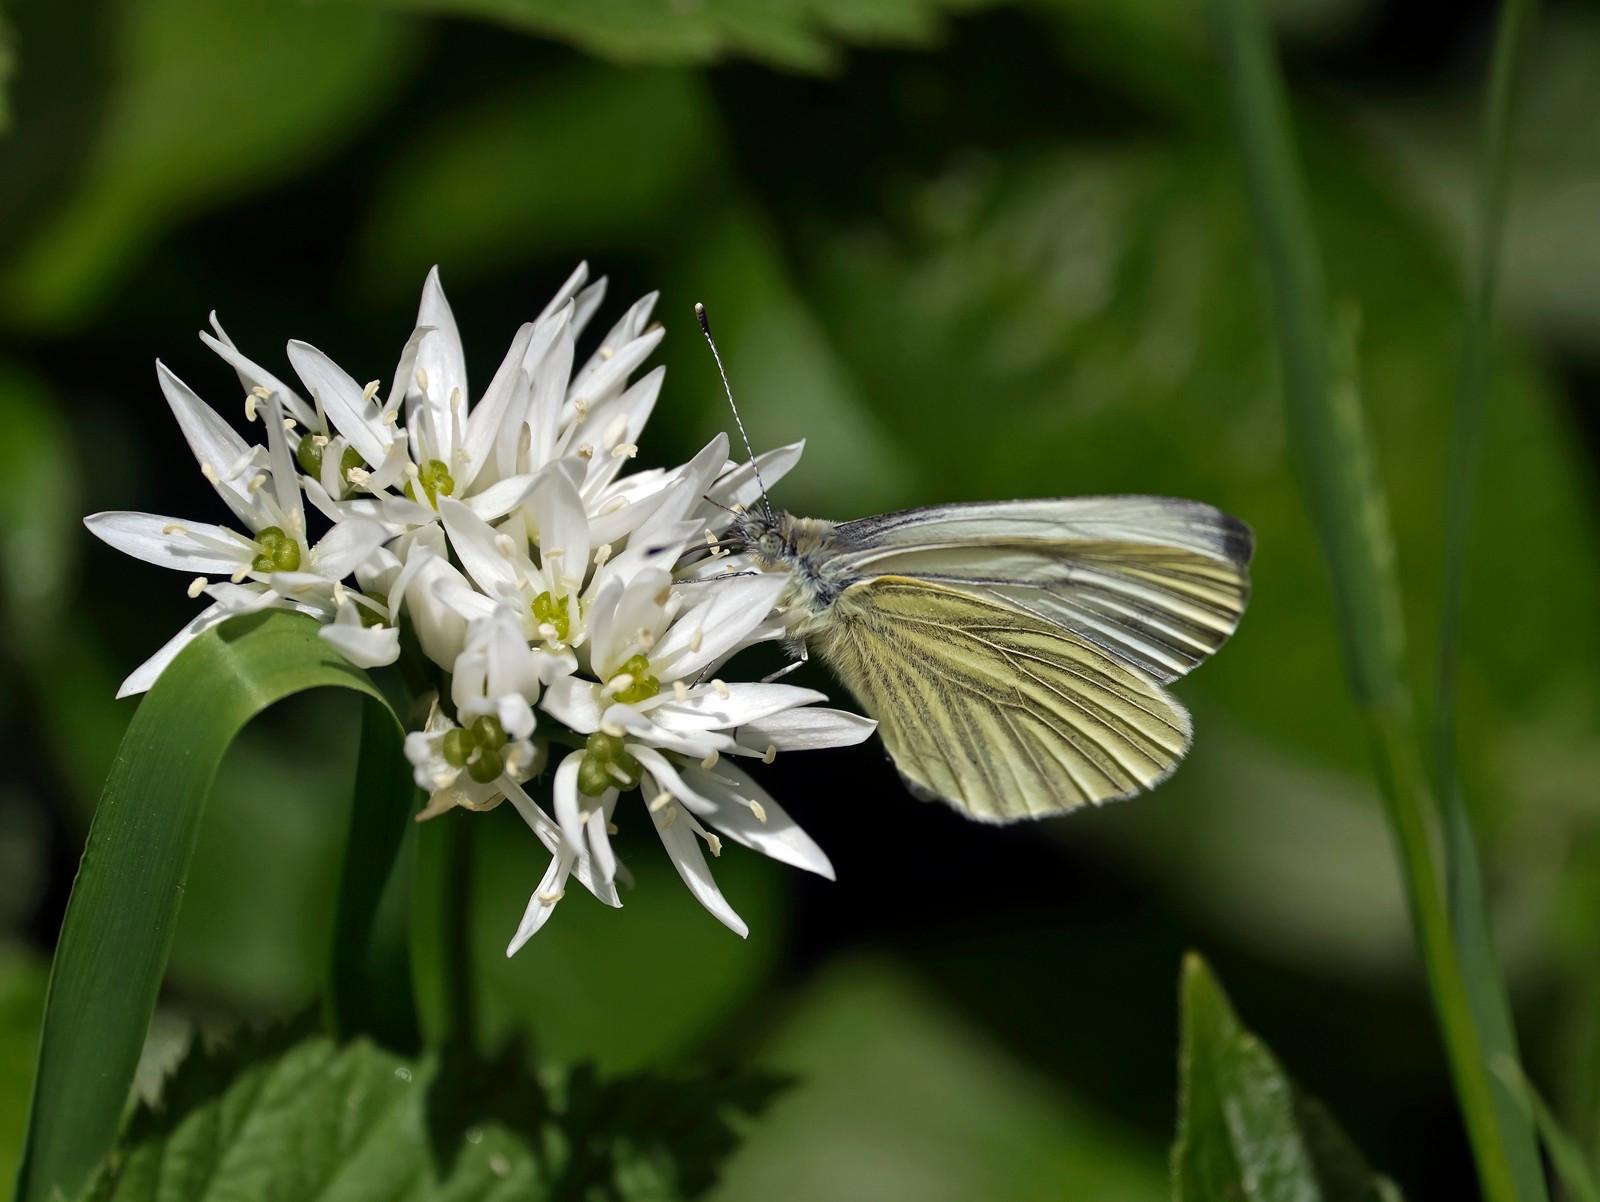 Green-veinedl White on Ransoms